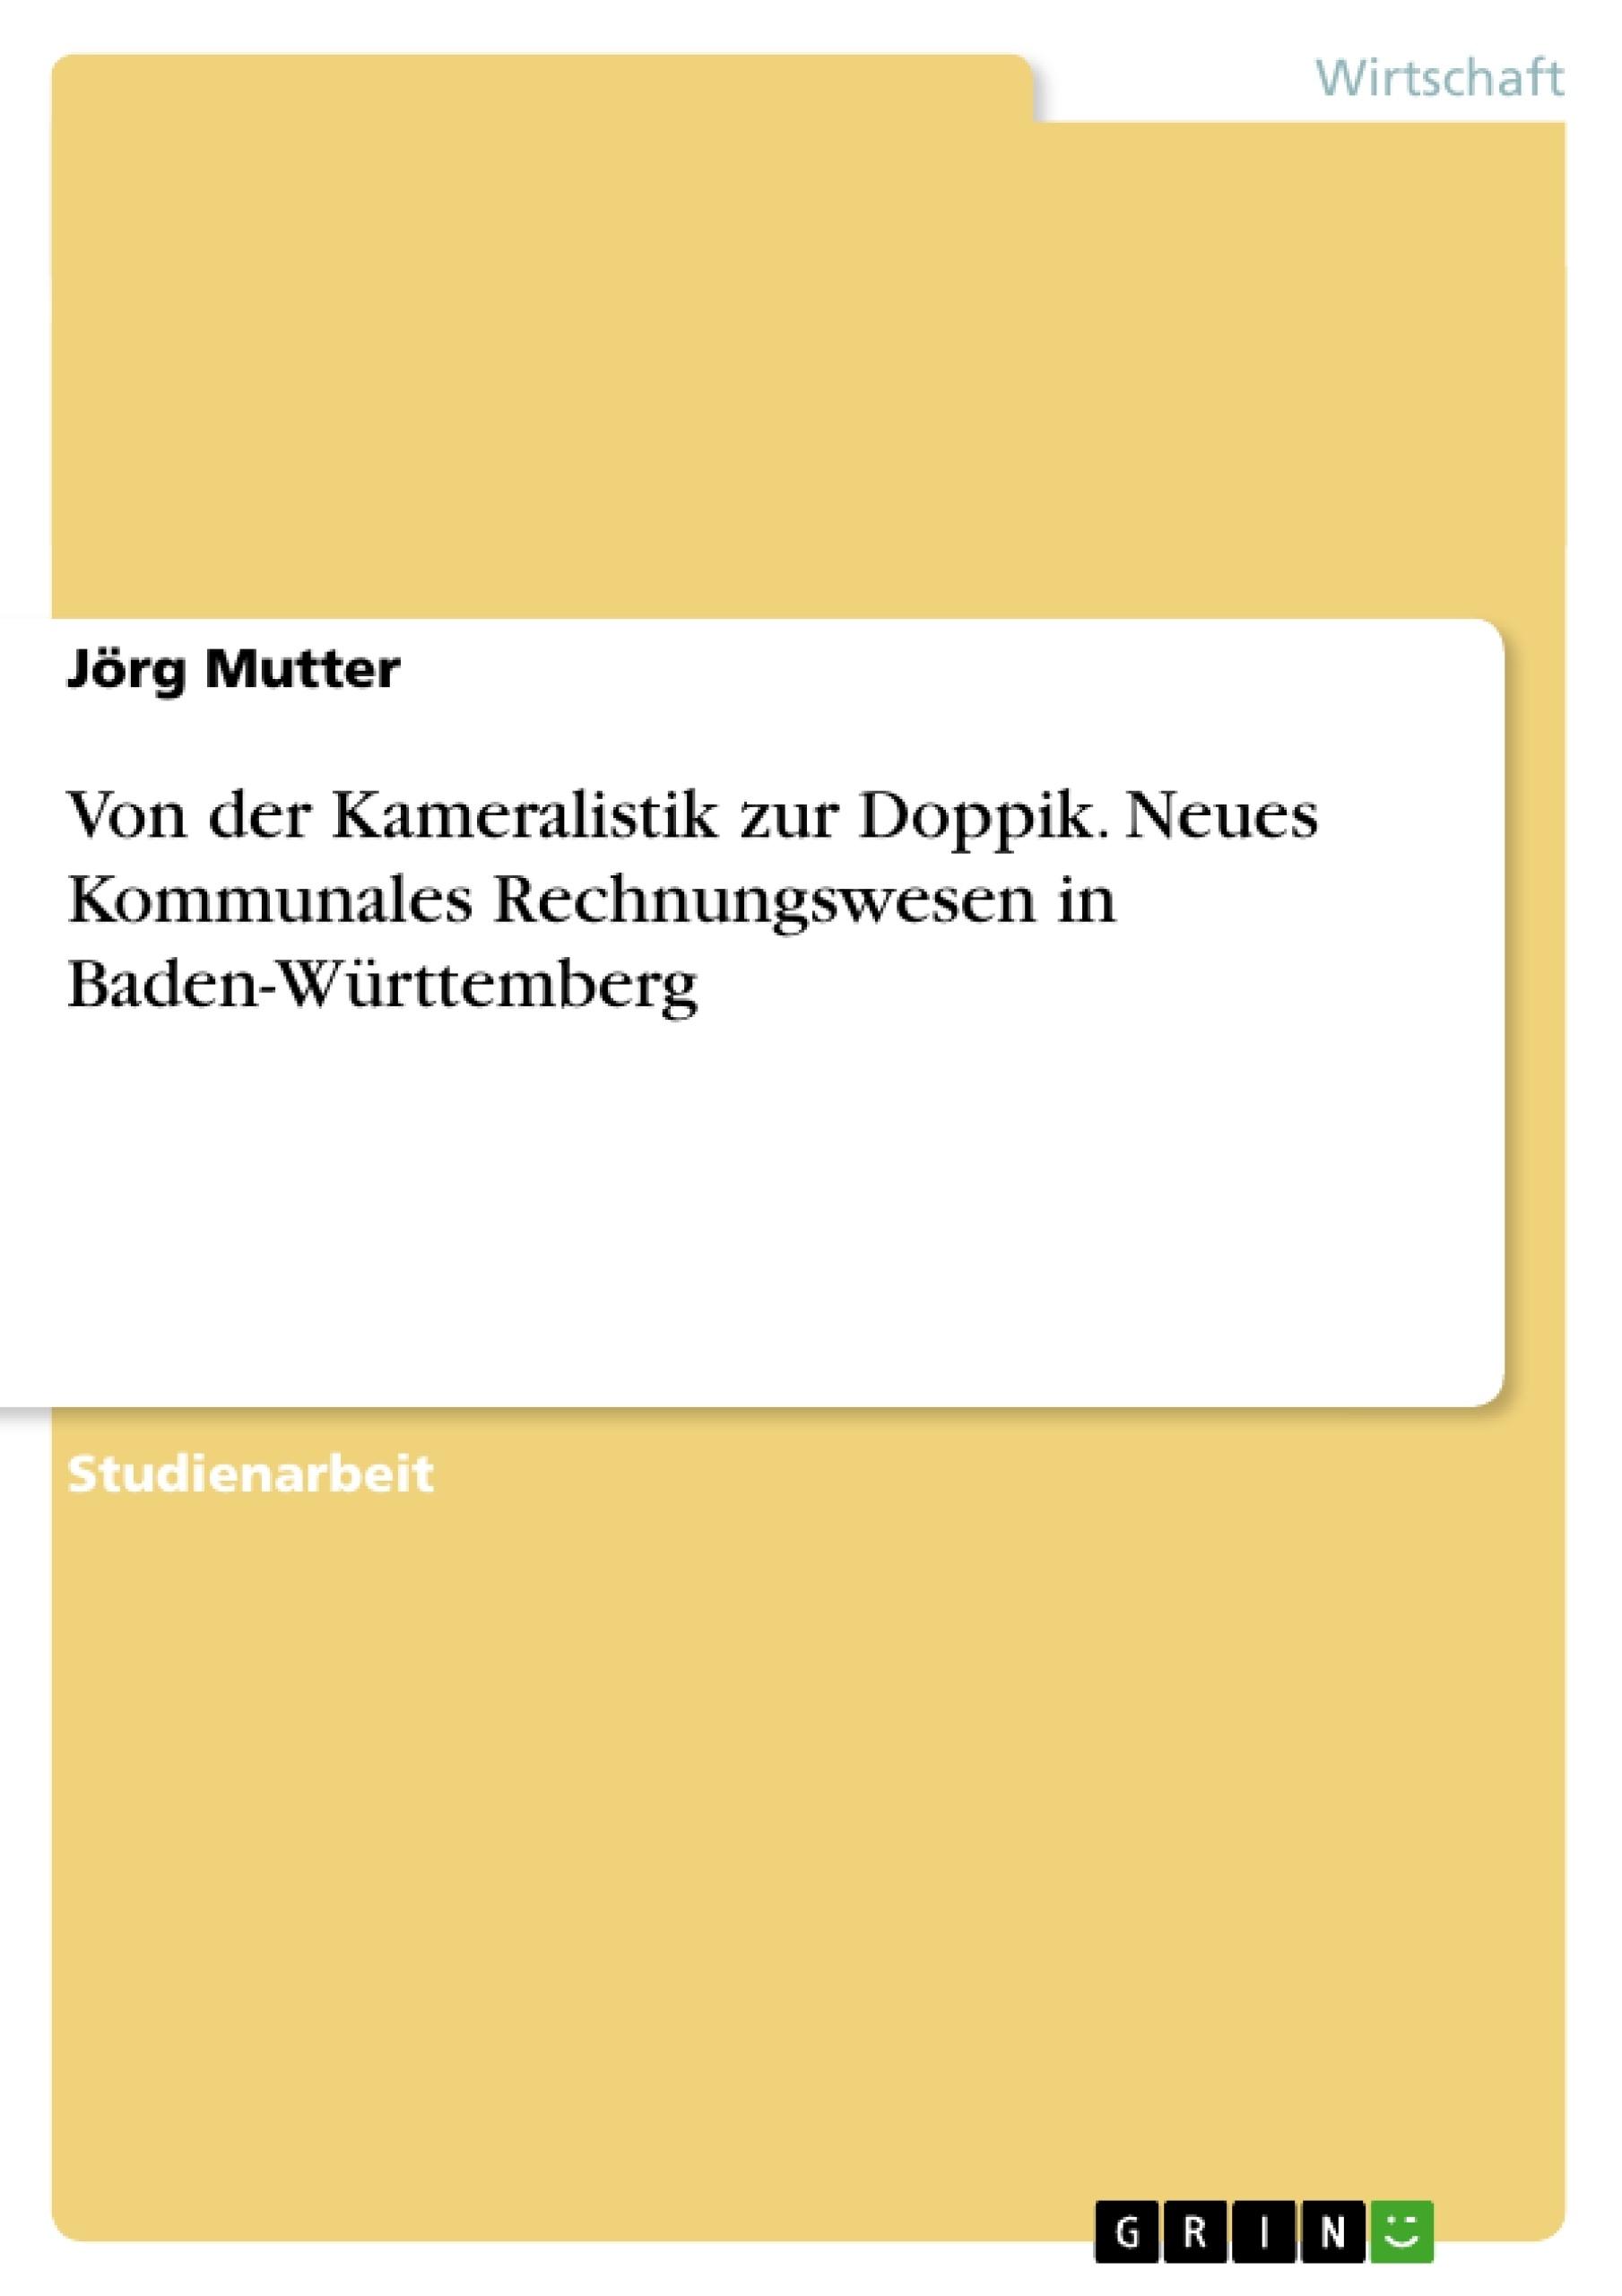 Titel: Von der Kameralistik zur Doppik. Neues Kommunales Rechnungswesen in Baden-Württemberg